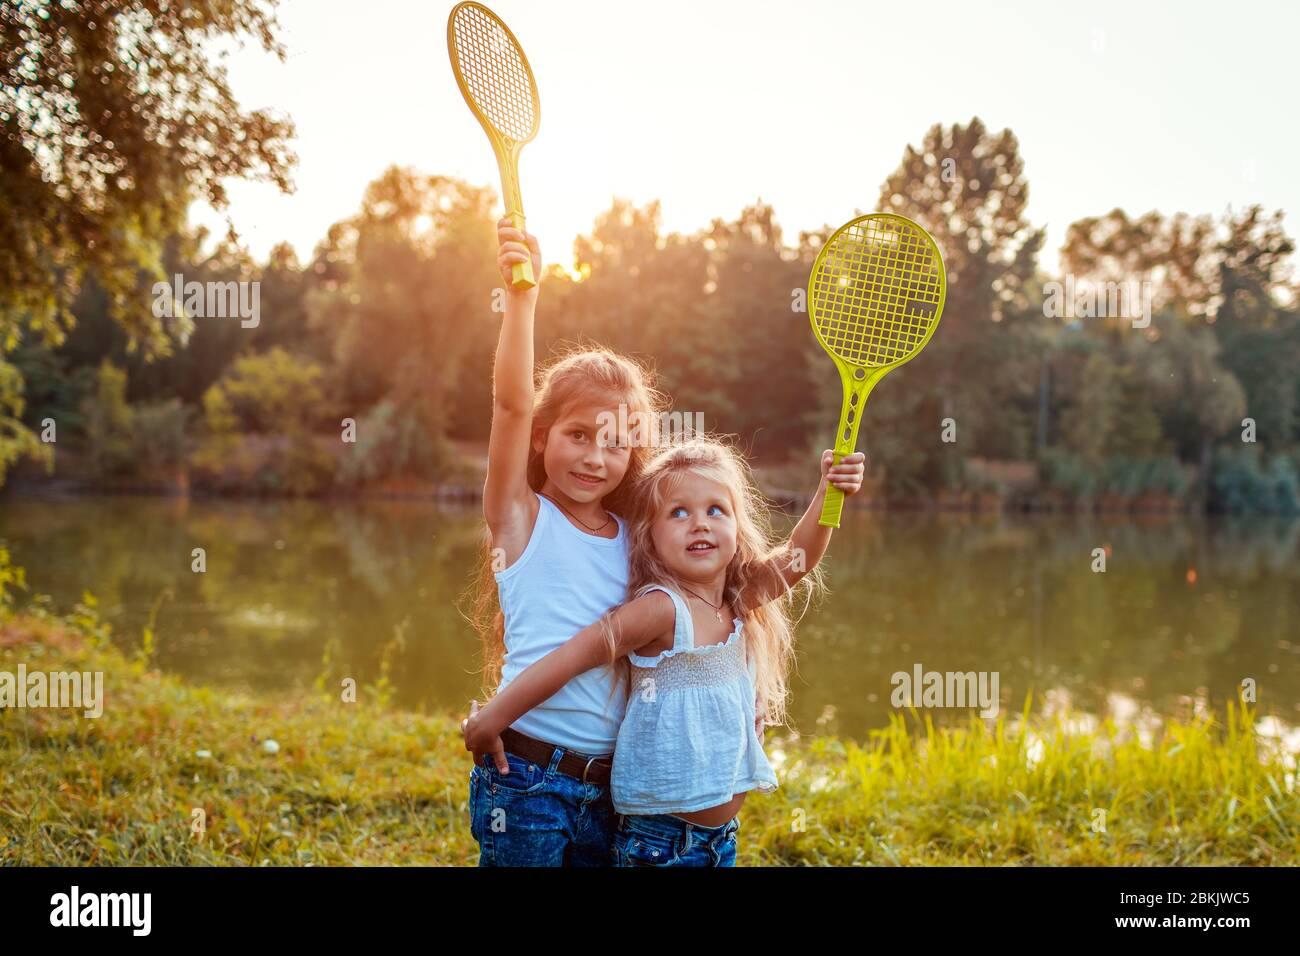 Petites filles s'amusant dehors après avoir joué au badminton. Les sœurs élèvent des raquettes dans le parc de printemps. Activités pour les enfants Banque D'Images